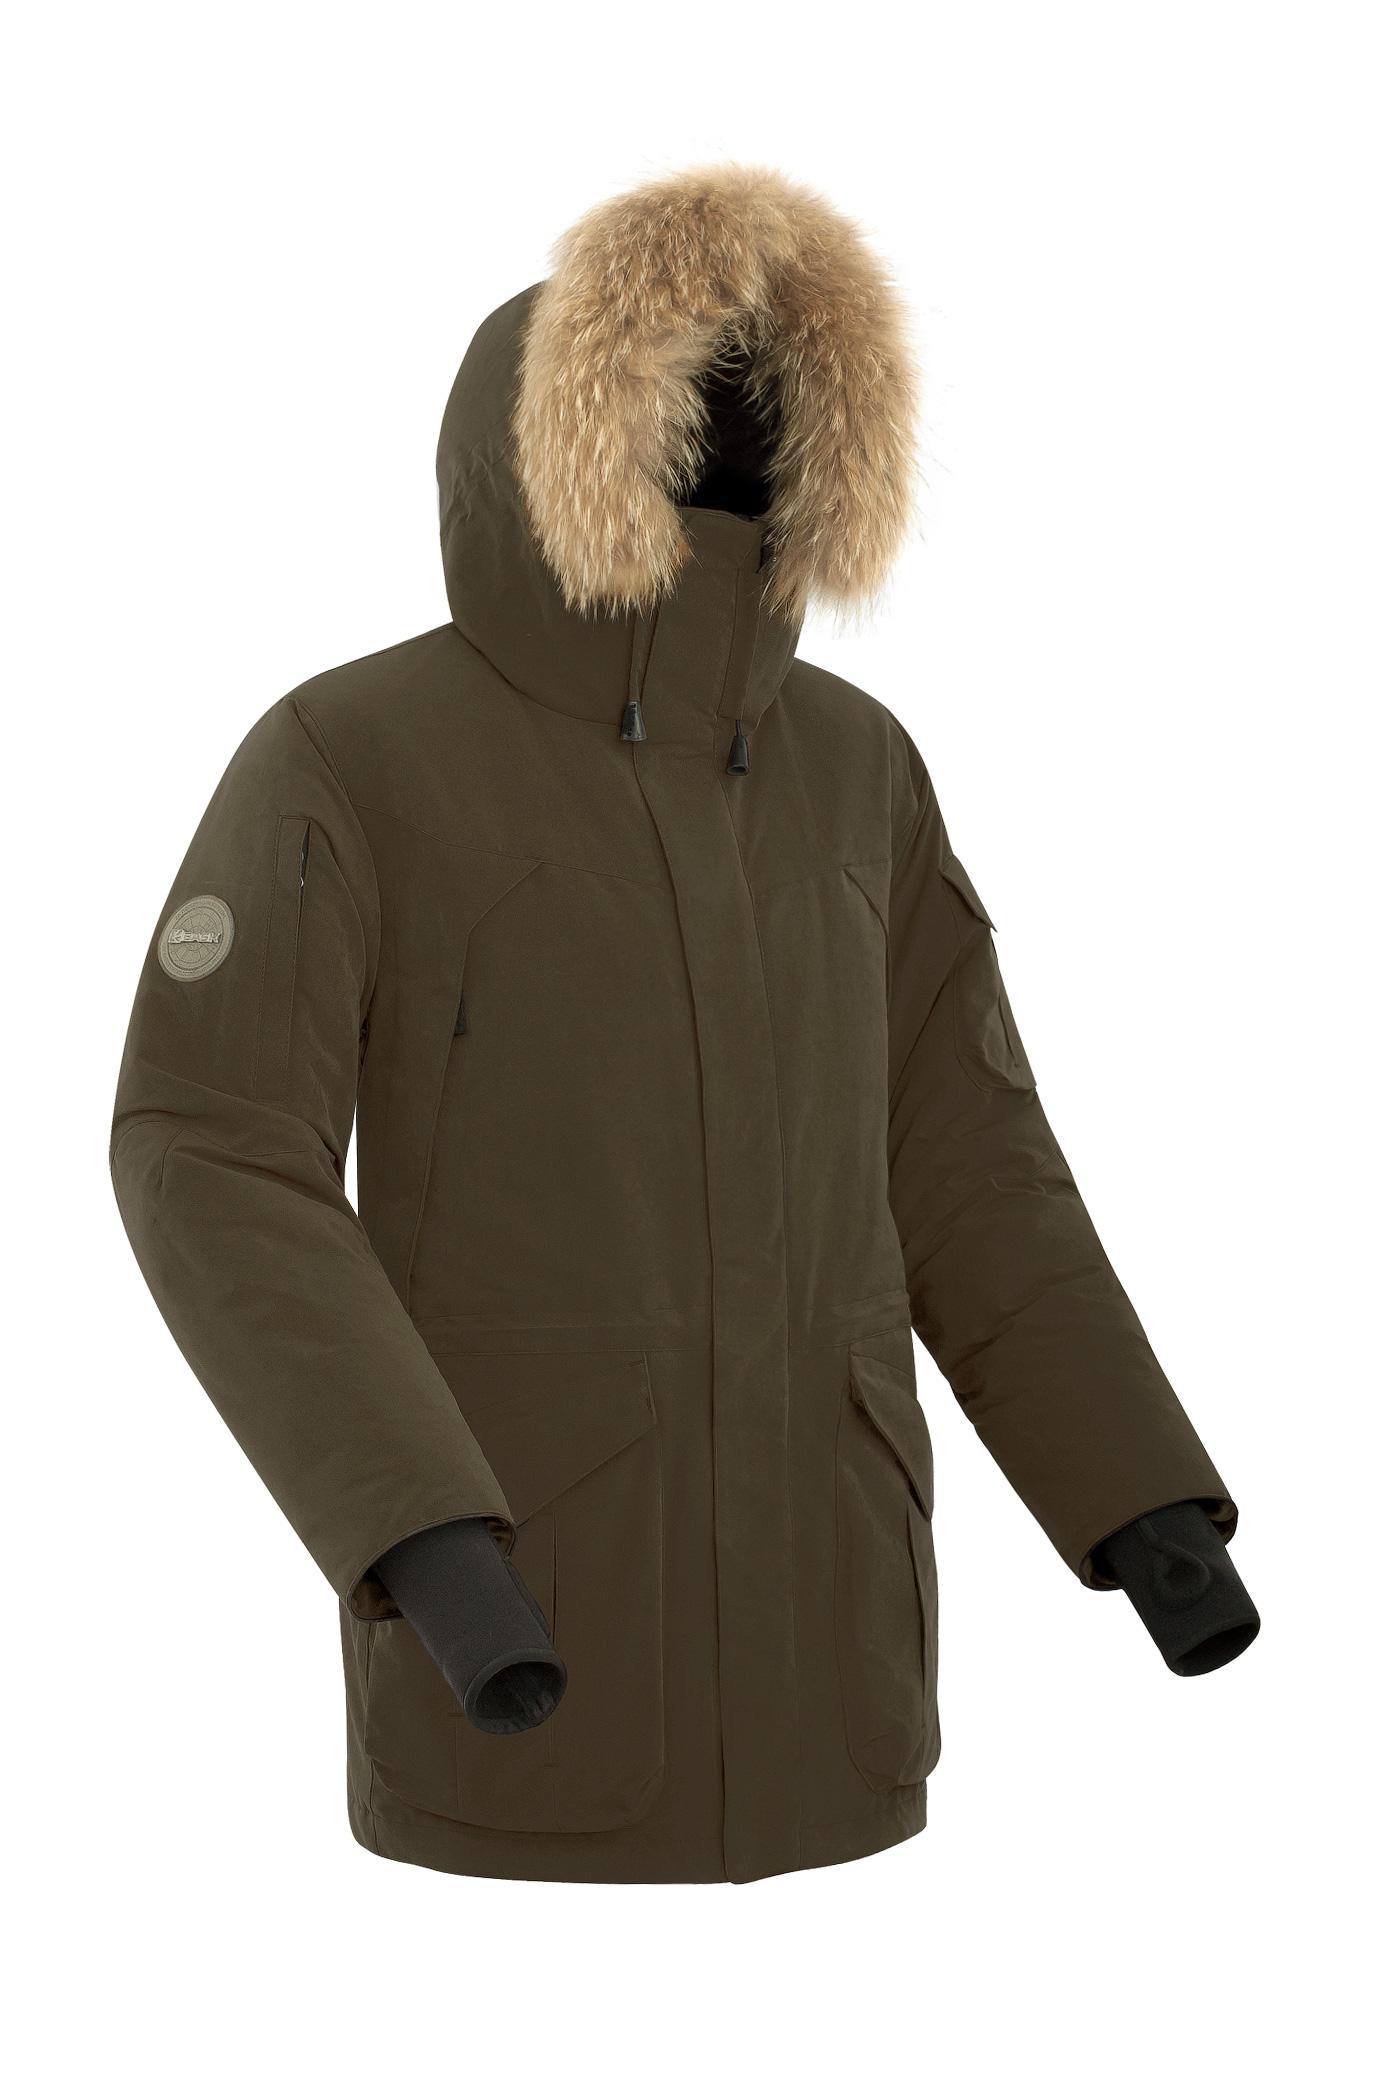 Куртка BASK ALKOR 1511 фото